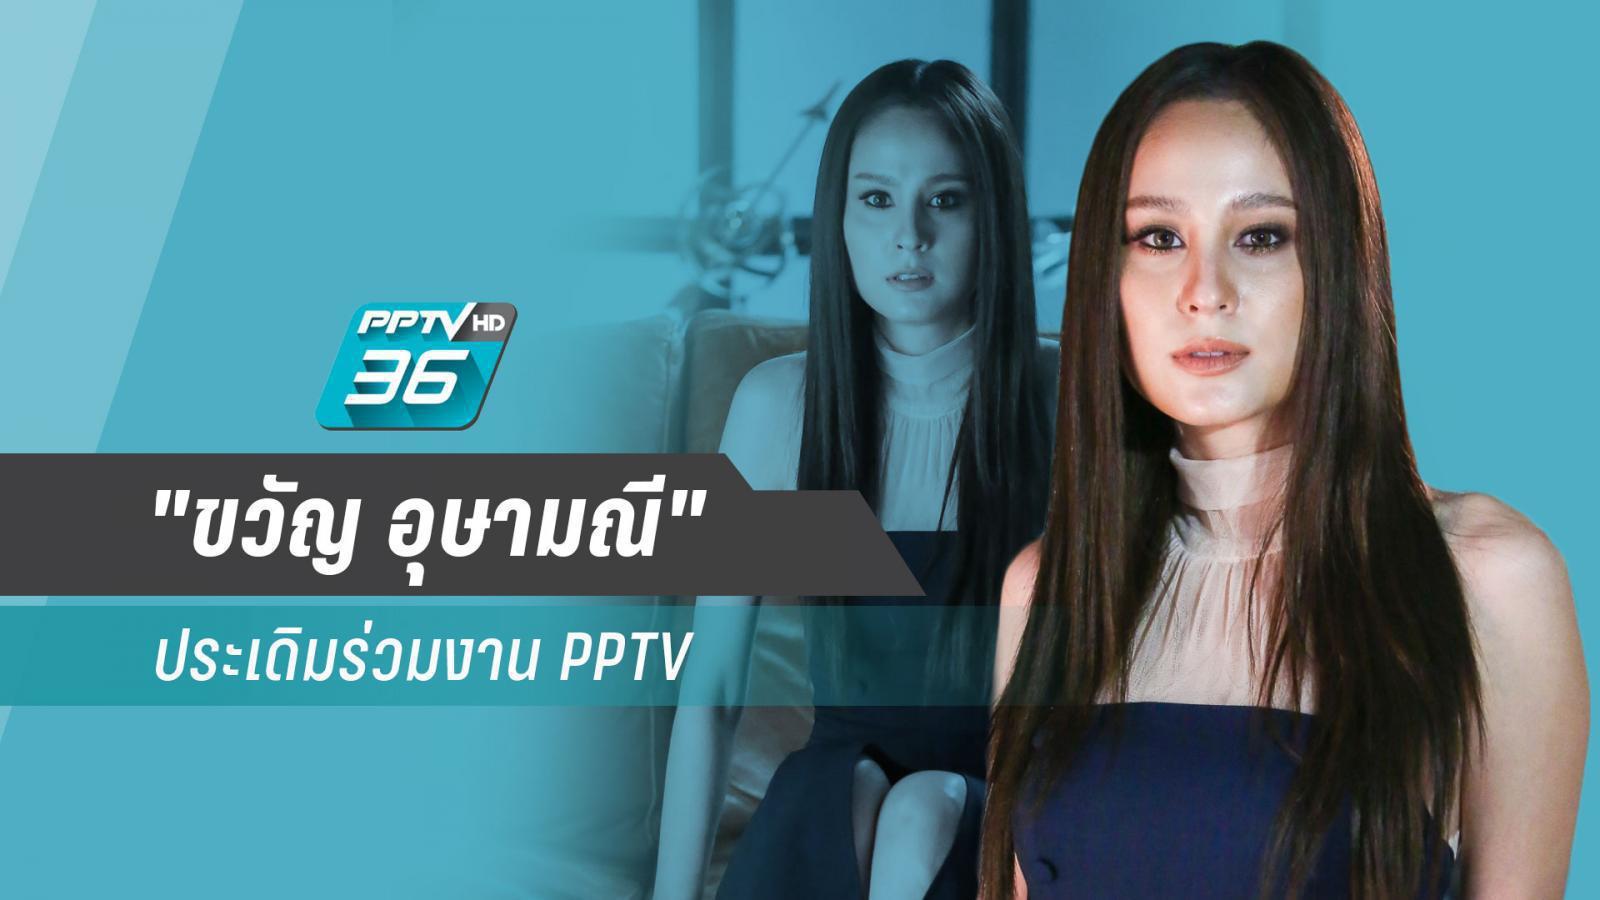 """""""ขวัญ อุษามณี"""" ประเดิมร่วมงานละครกับ PPTV หลังเป็นอิสระ"""